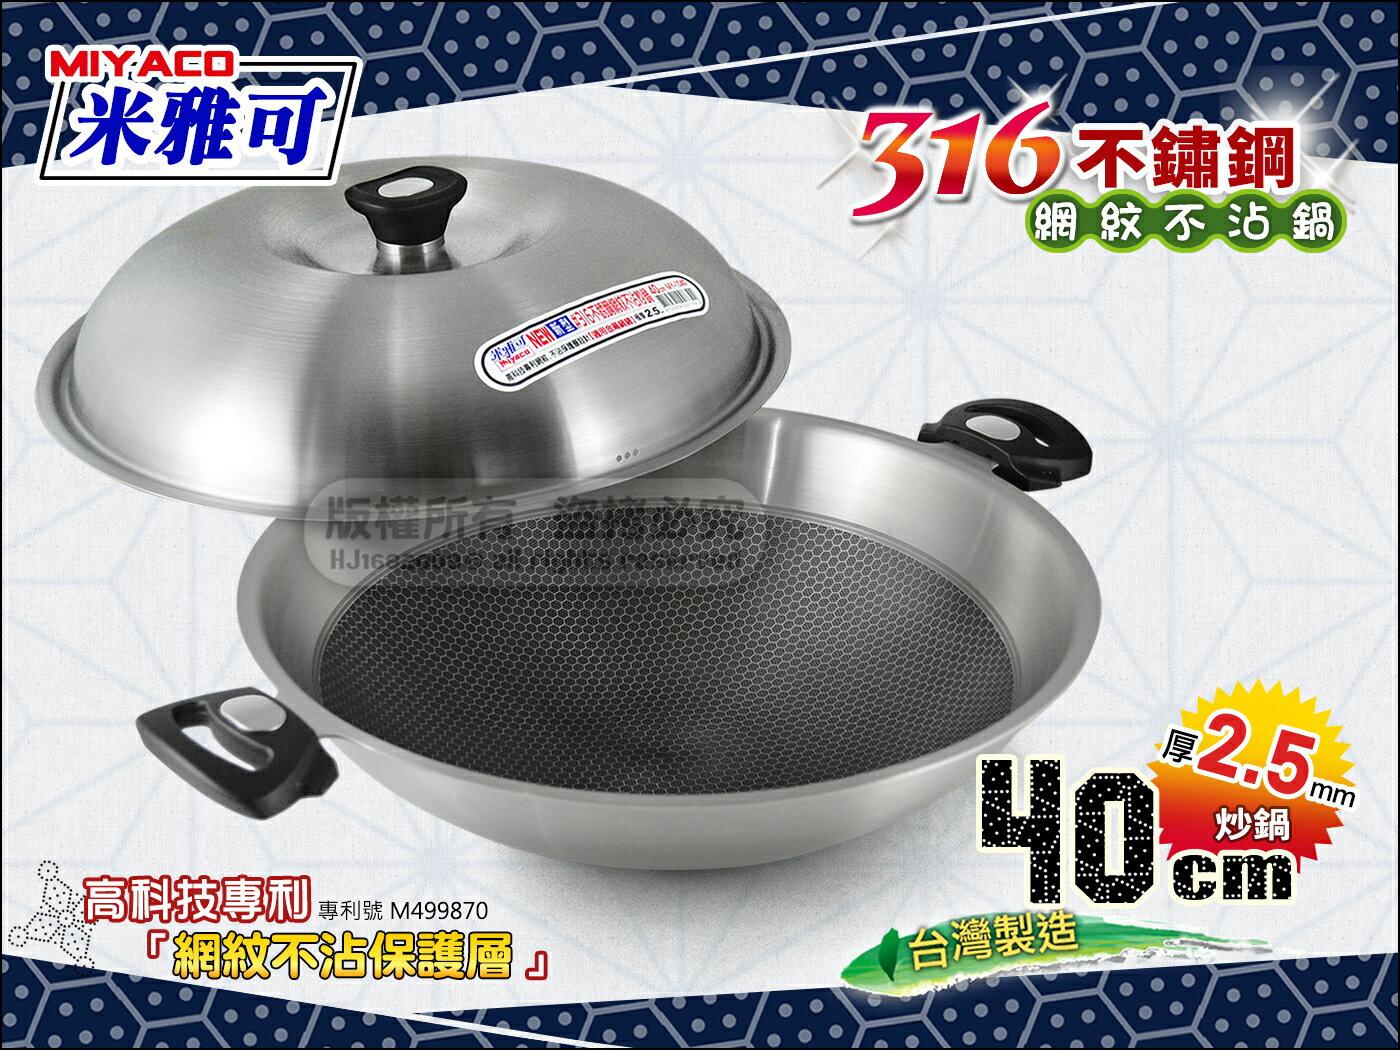 快樂屋♪ 【套餐】米雅可 316不鏽鋼網紋不沾鍋 7344 炒鍋 40cm雙耳《好禮二選一!!》